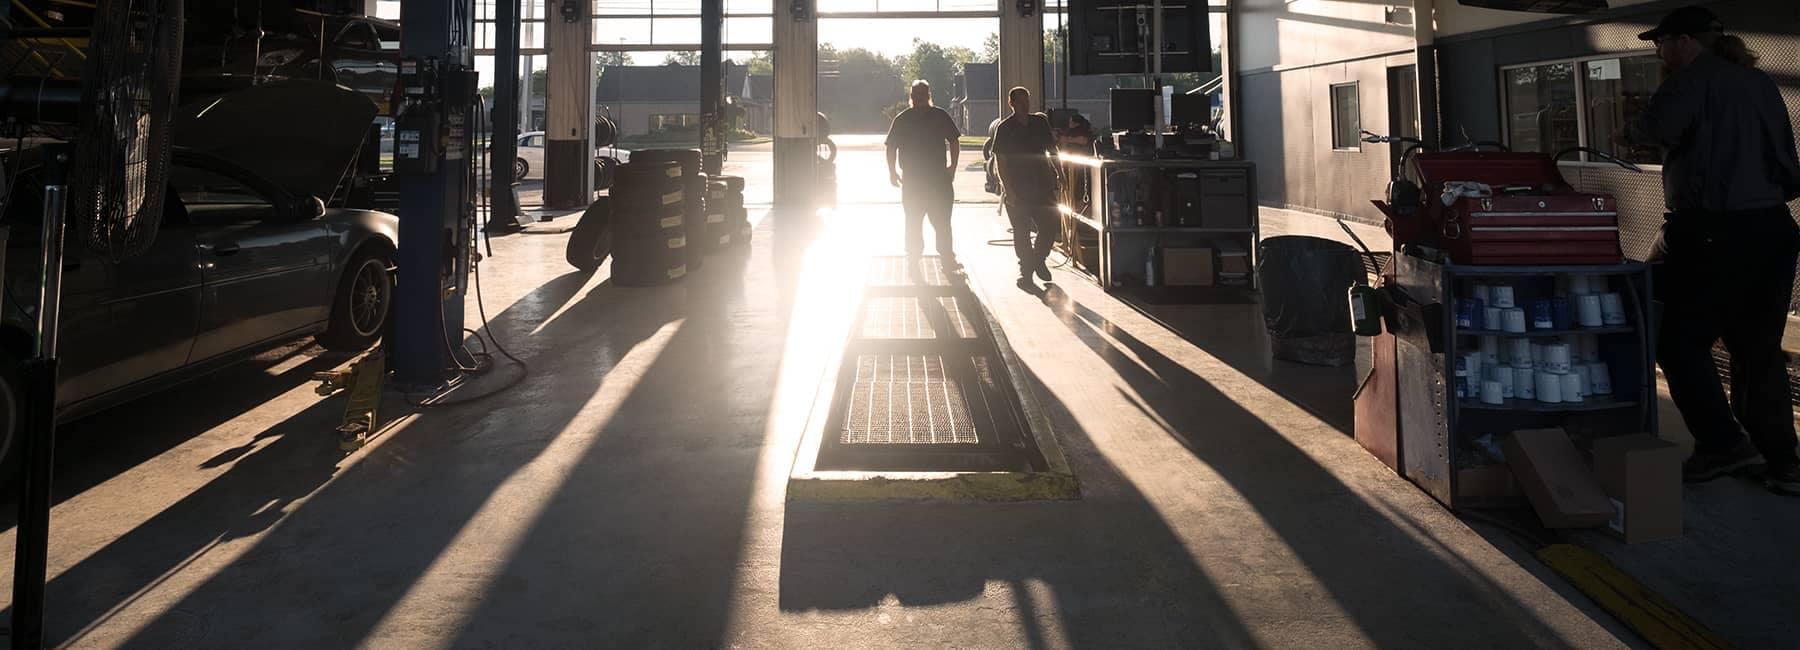 GM service bay with sun shingin in